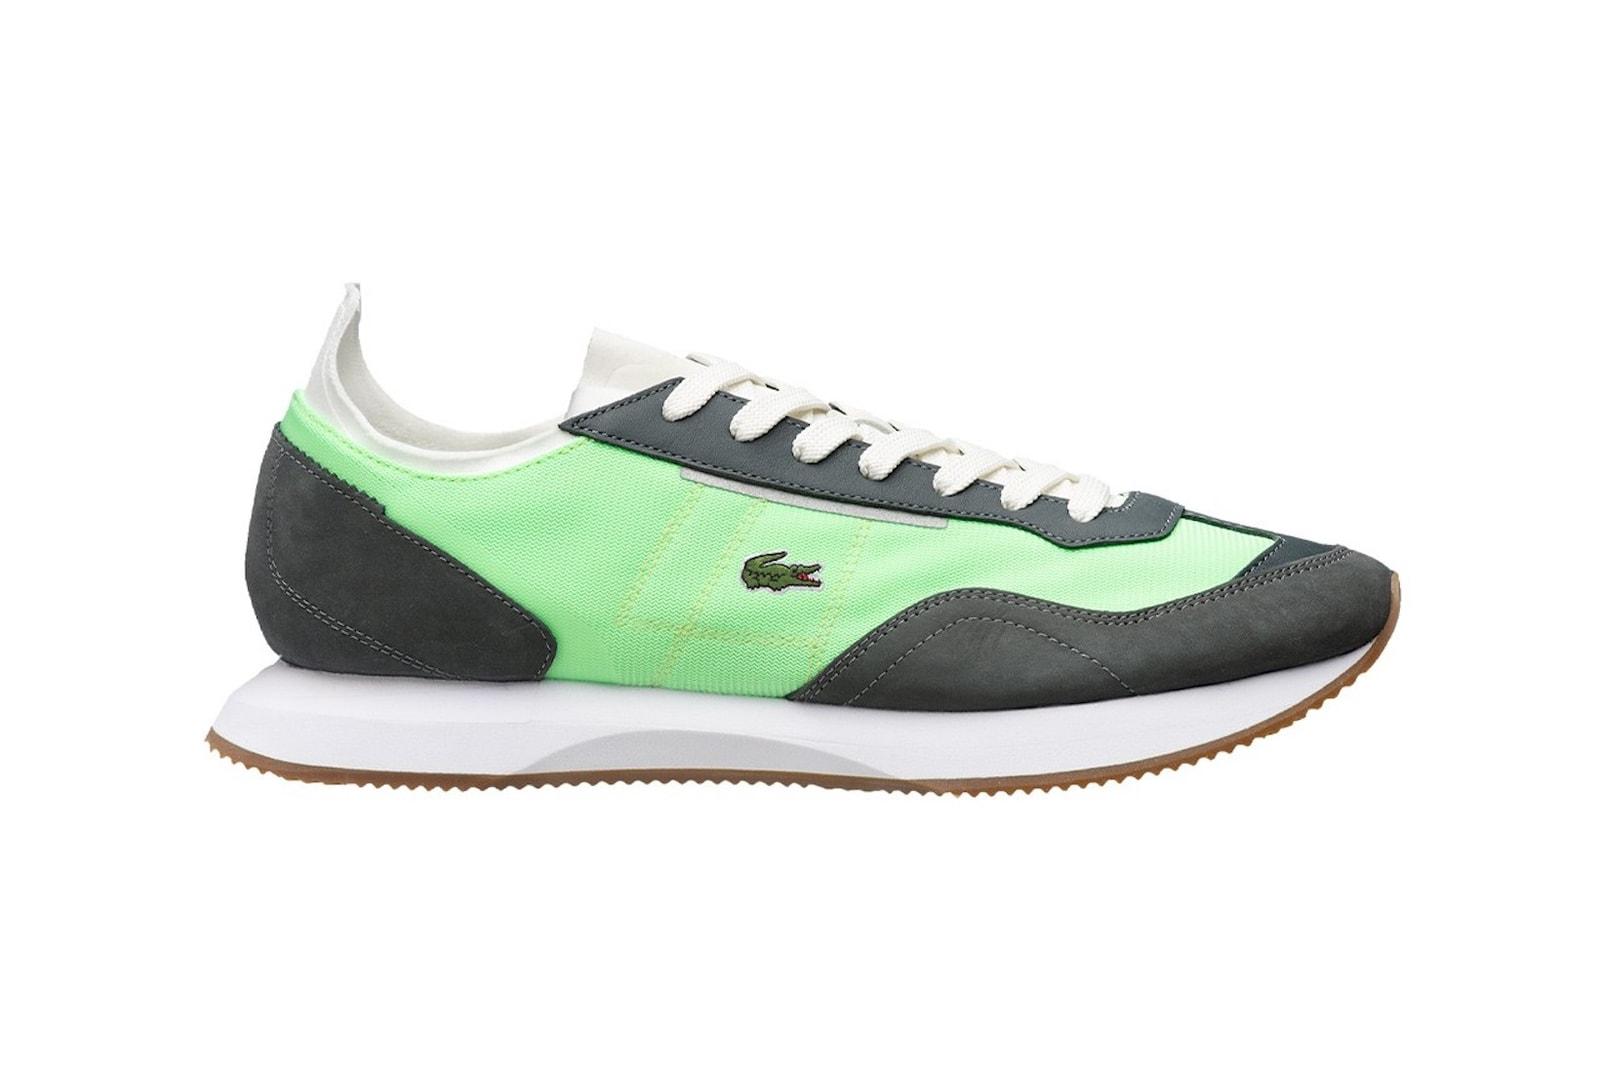 lacoste match break sneakers spring summer collection footwear shoes kicks sneakerhead